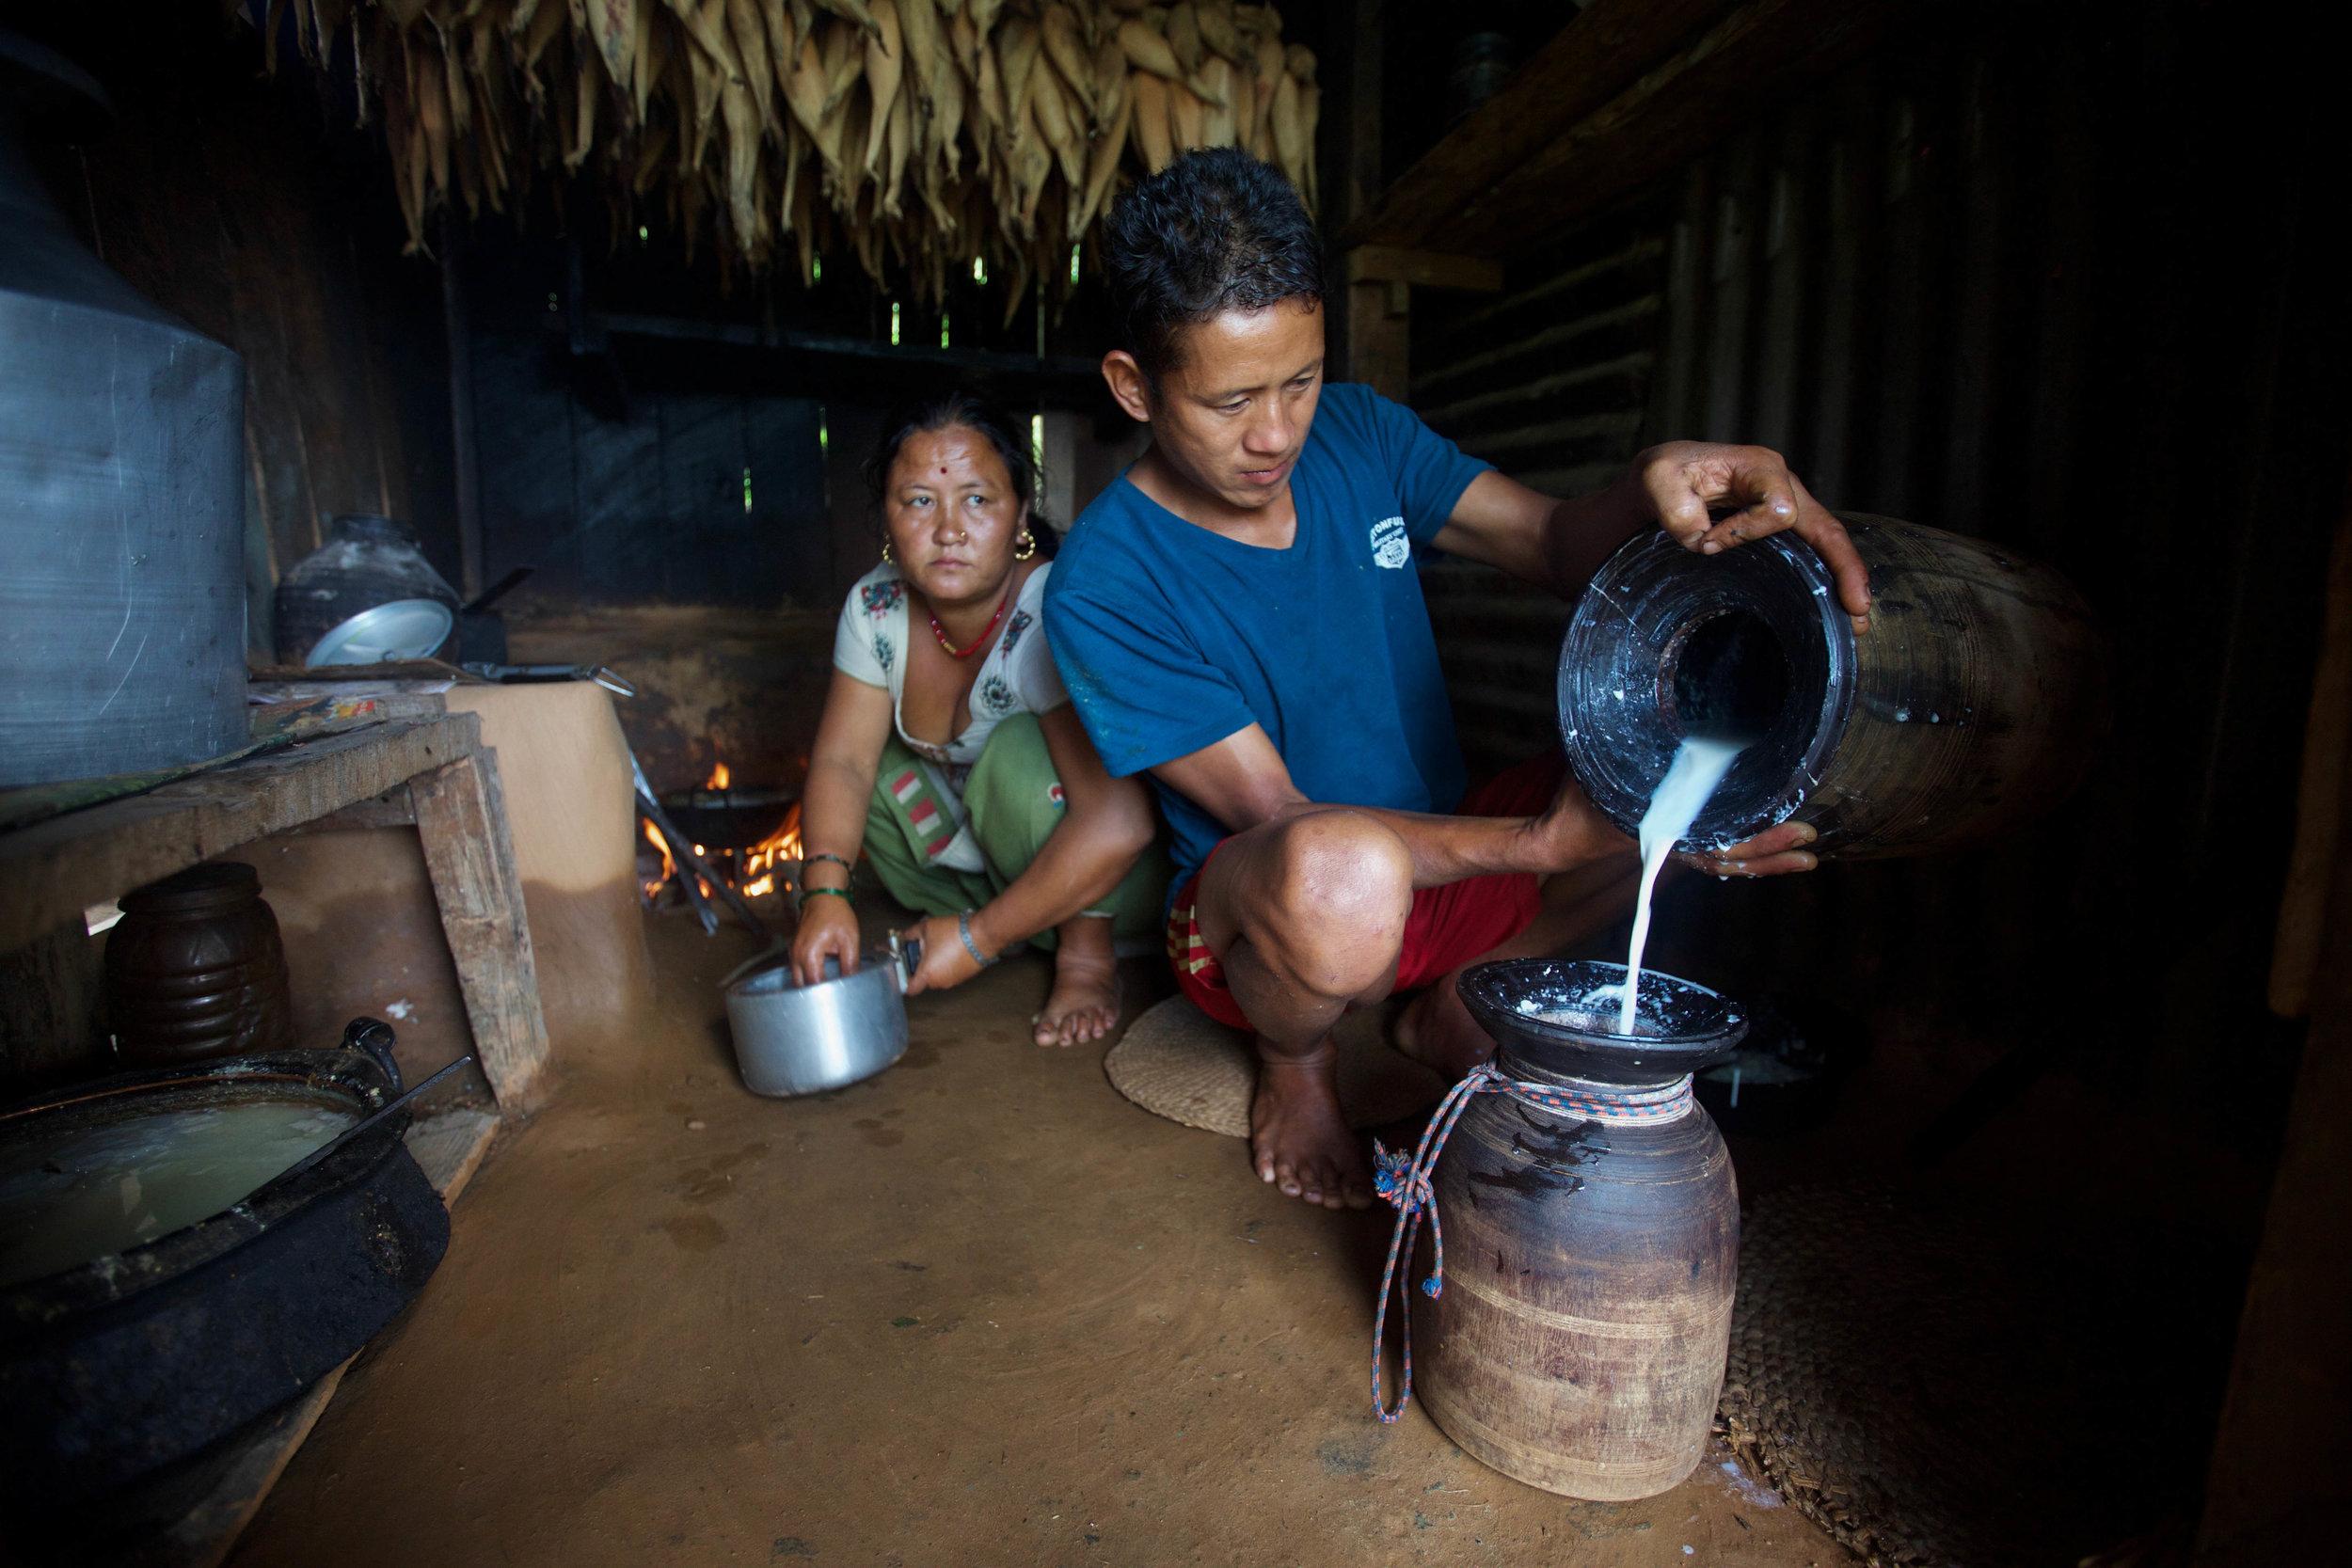 Chari, 32, and her husband, Bhoj, 32, prepare food on Aug. 1, 2016.